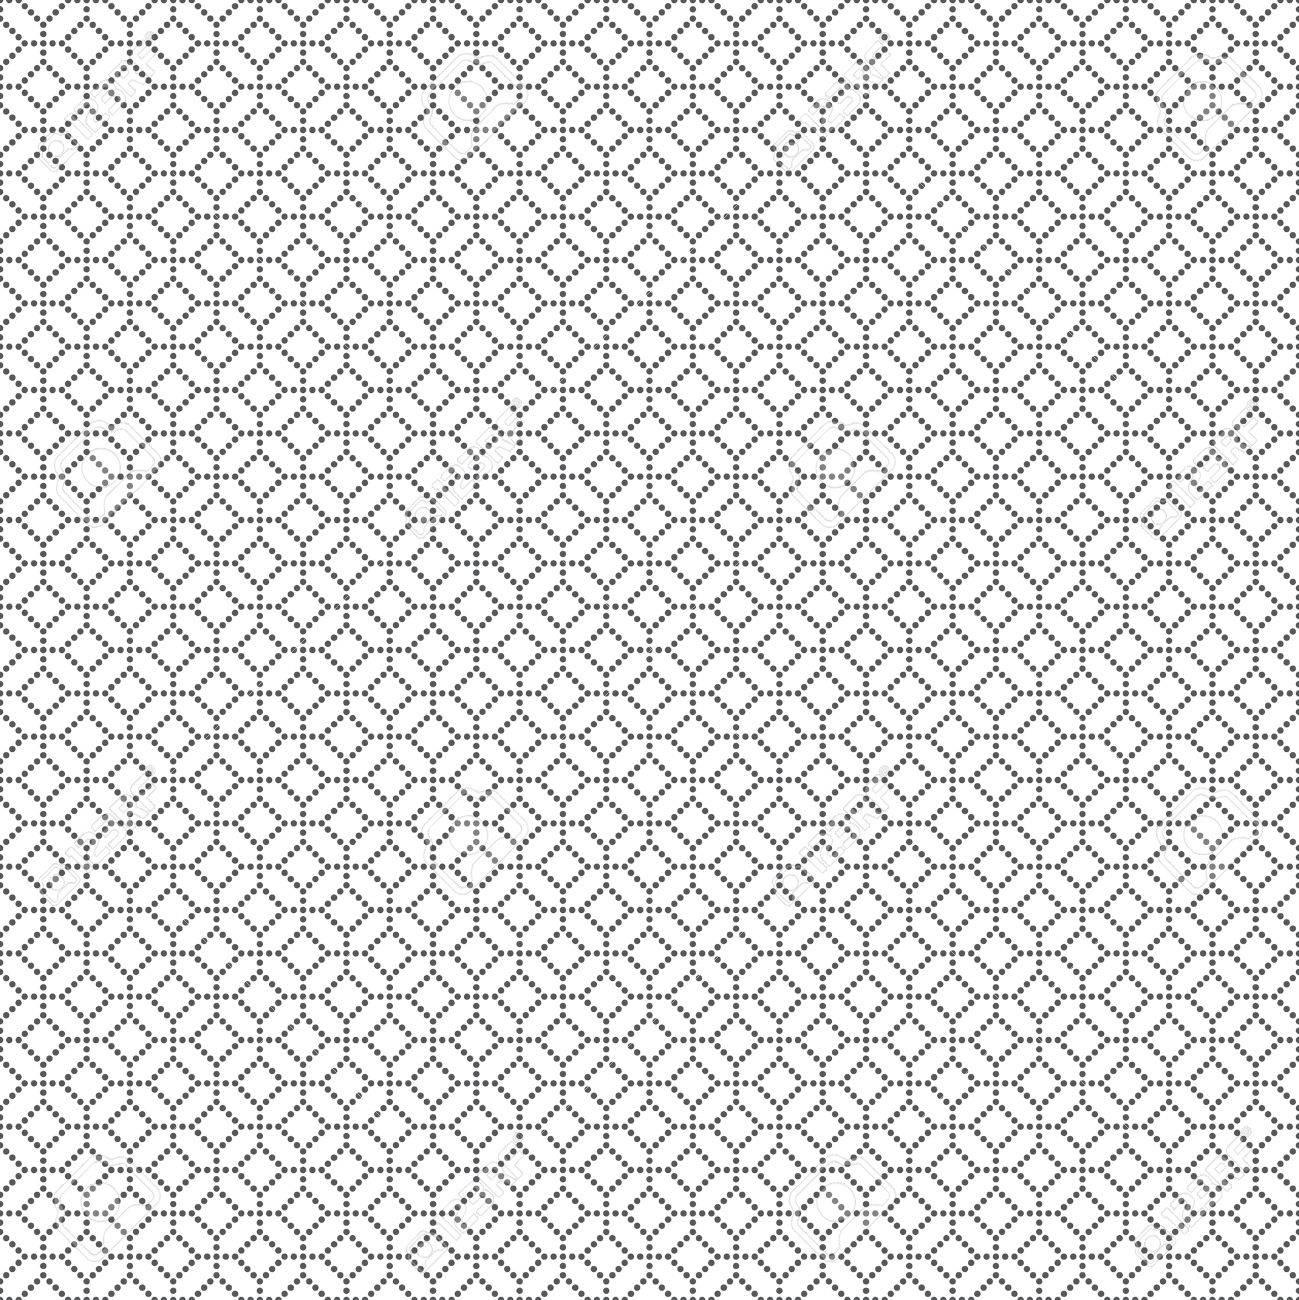 Patrón Transparente. Textura Geométrica Clásica Con Pequeños Puntos ...